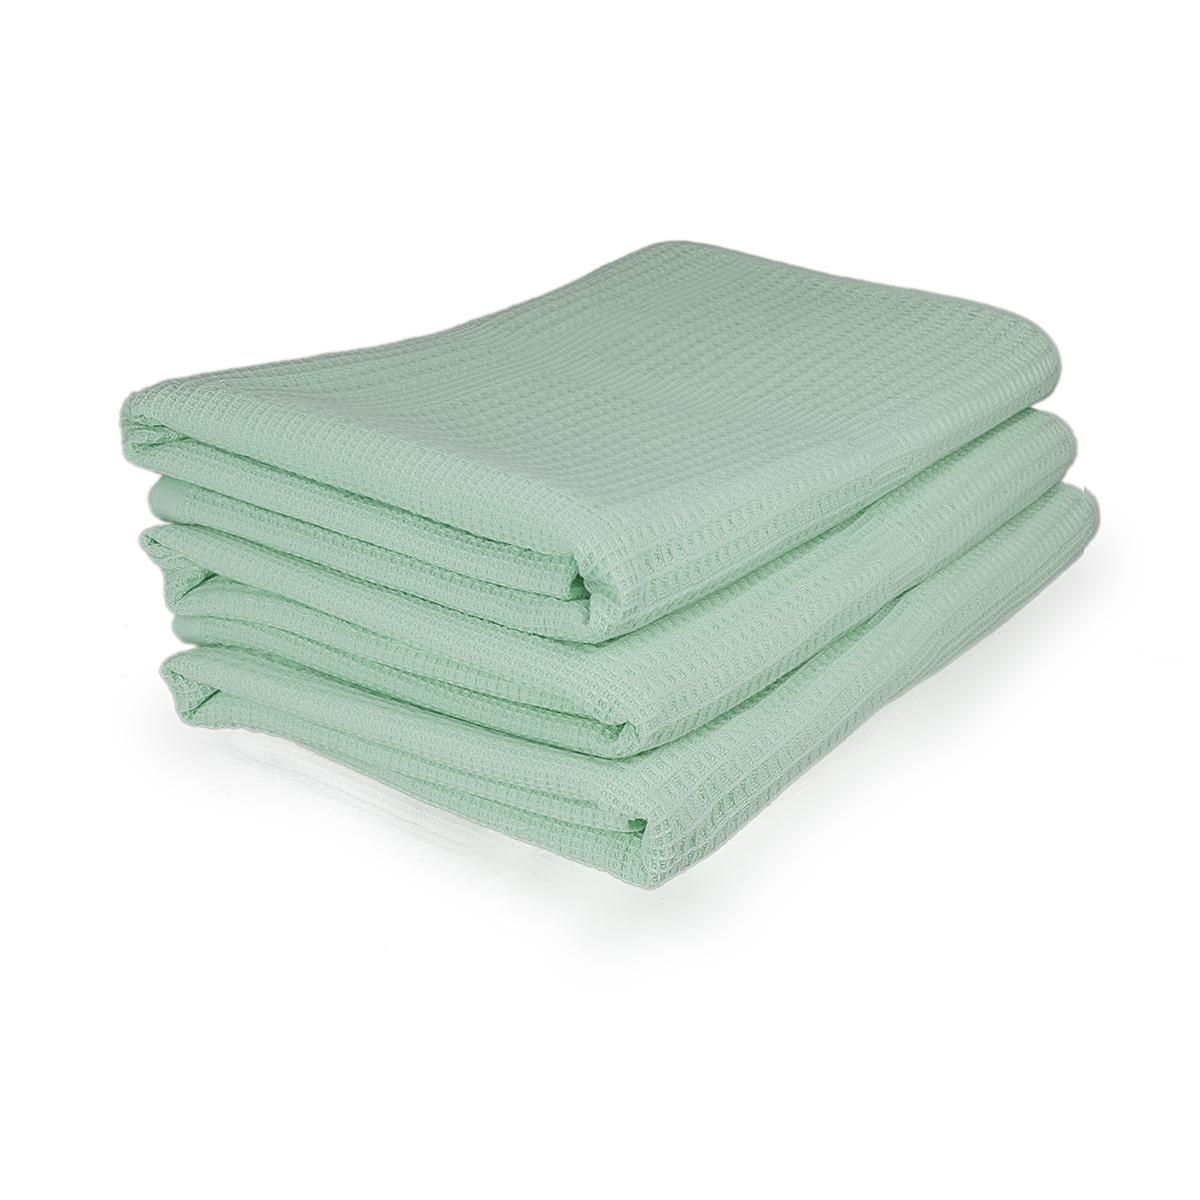 Полотенца Комфорт Зеленый, размер 34х78 смМахровые полотенца<br>Плотность ткани:380 г/кв. м.<br><br>Тип: Полотенце<br>Размер: 34х78<br>Материал: Вафельное полотно